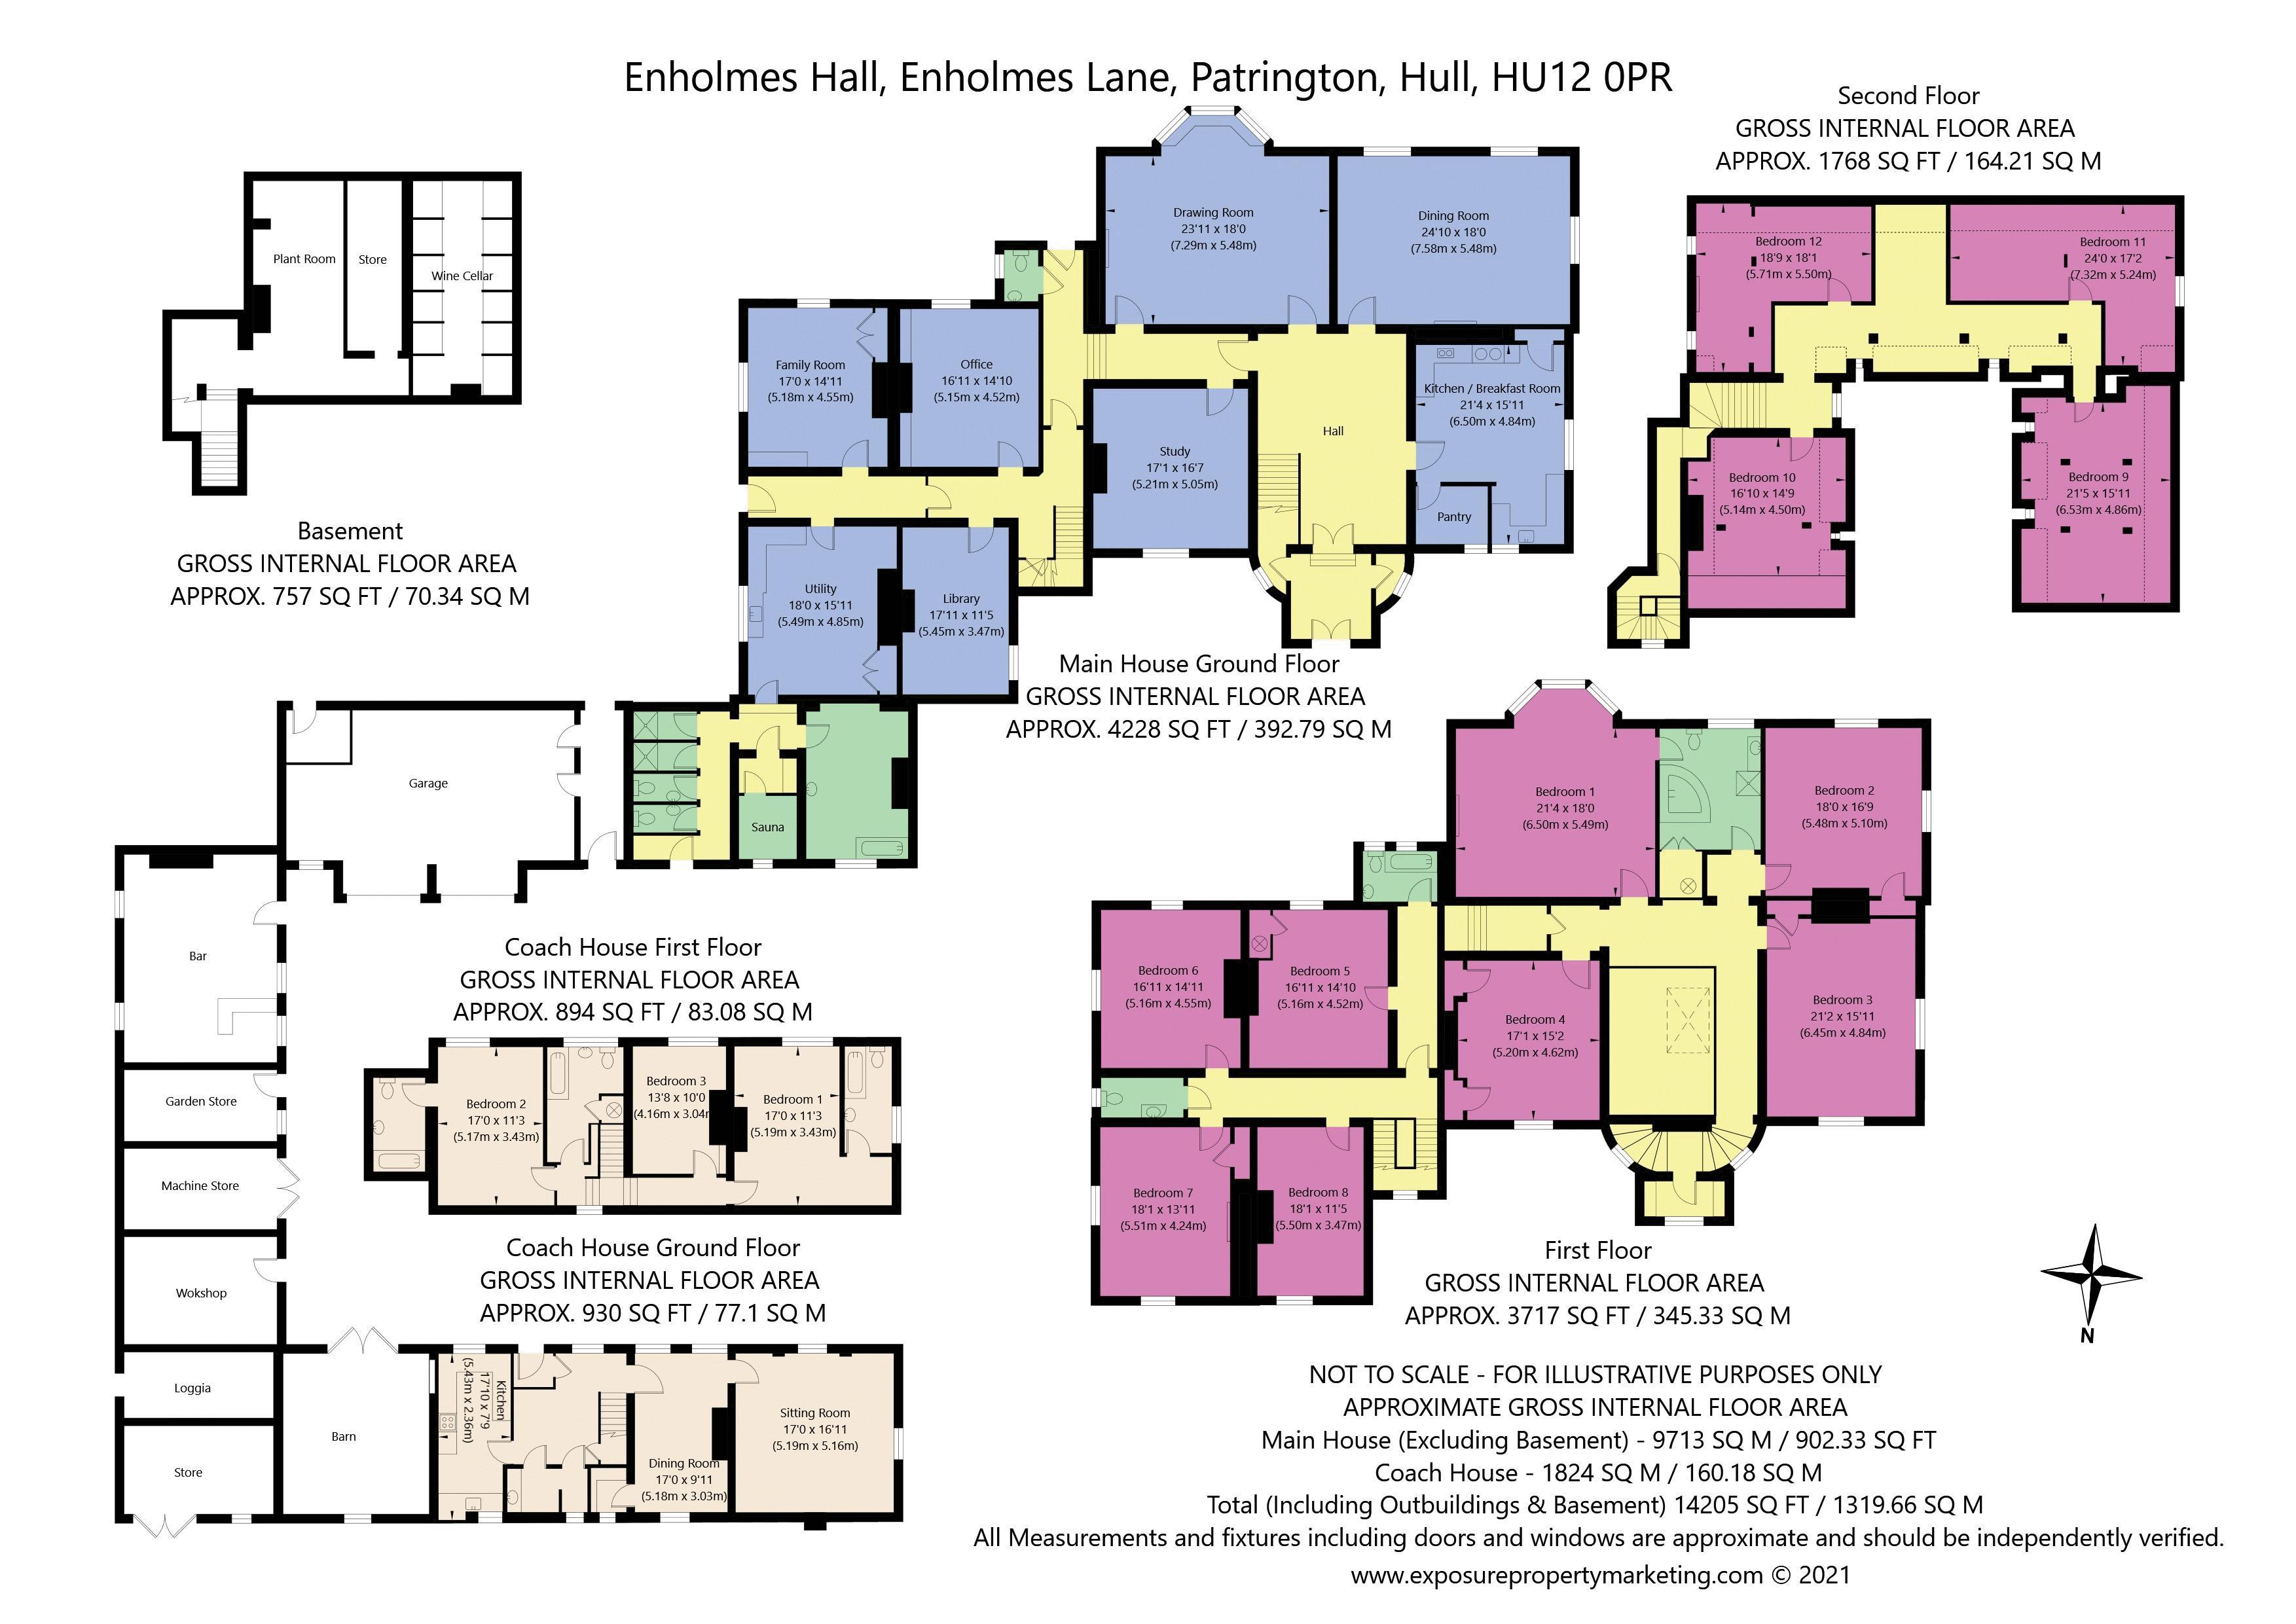 Enholmes Lane Patrington